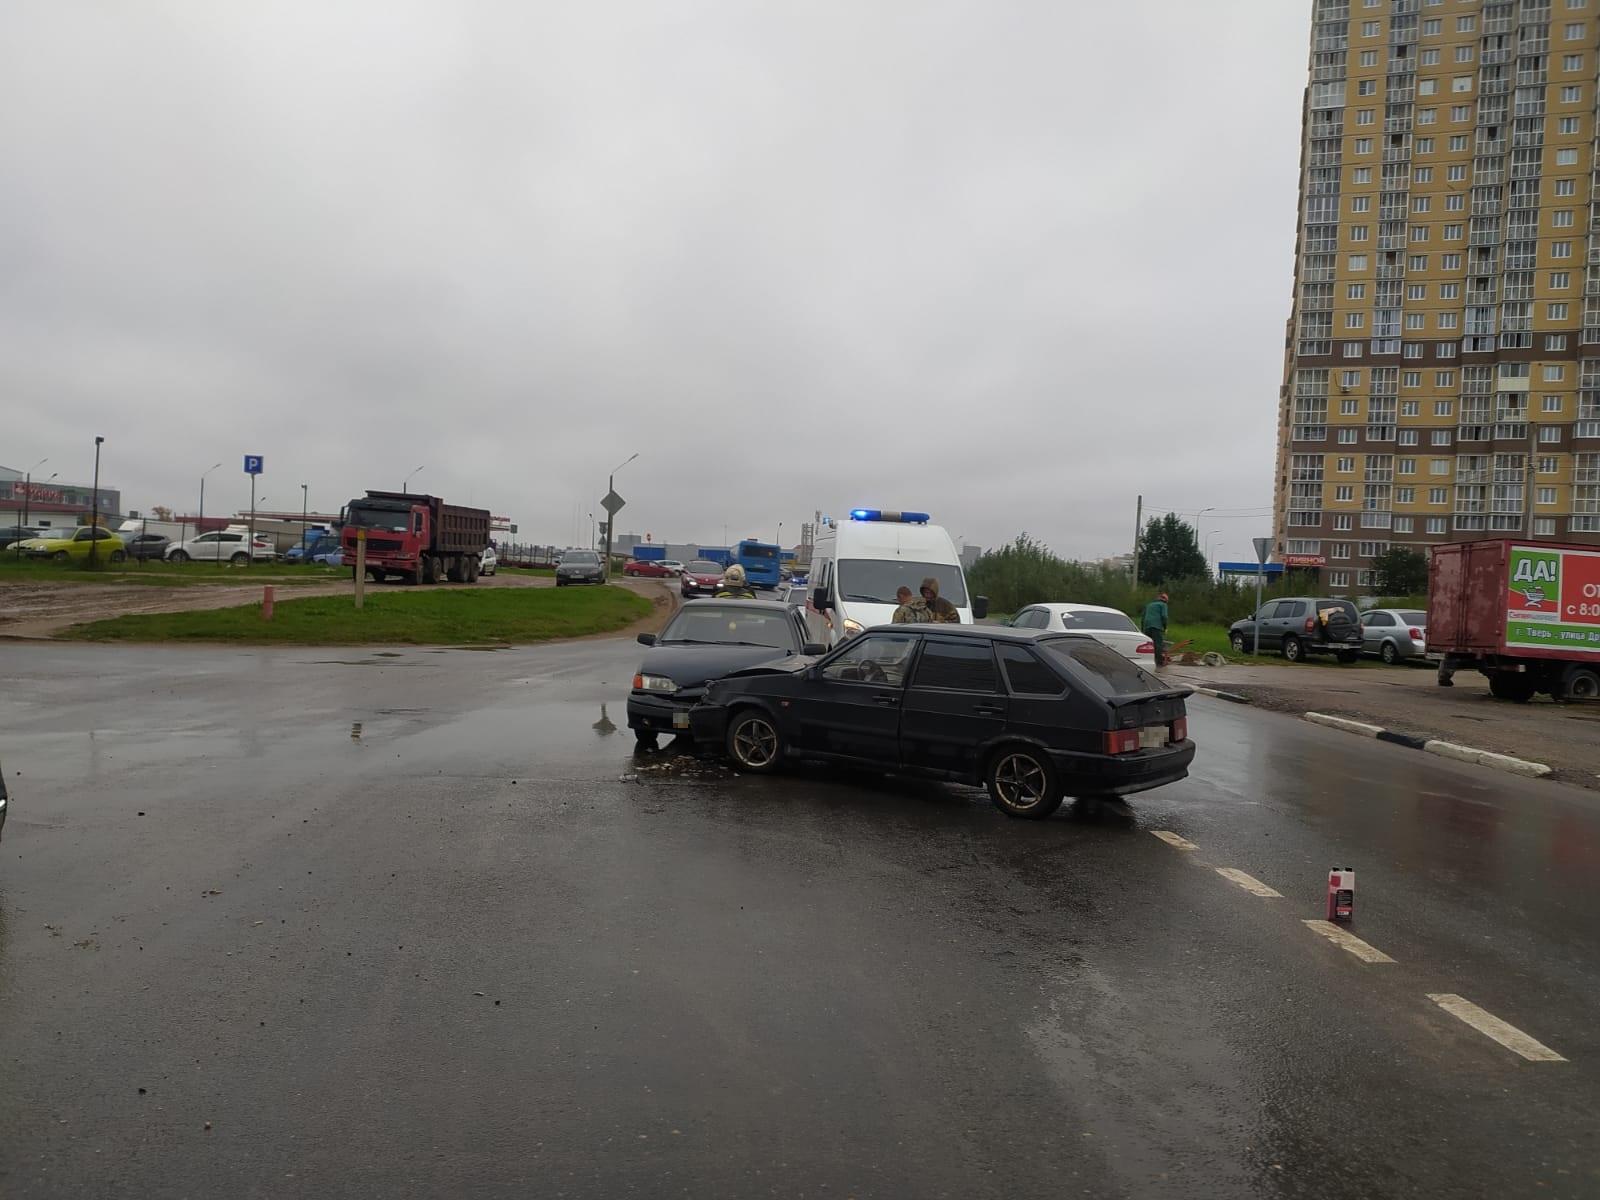 Мужчина серьёзно пострадал в столкновении двух ВАЗов в Твери